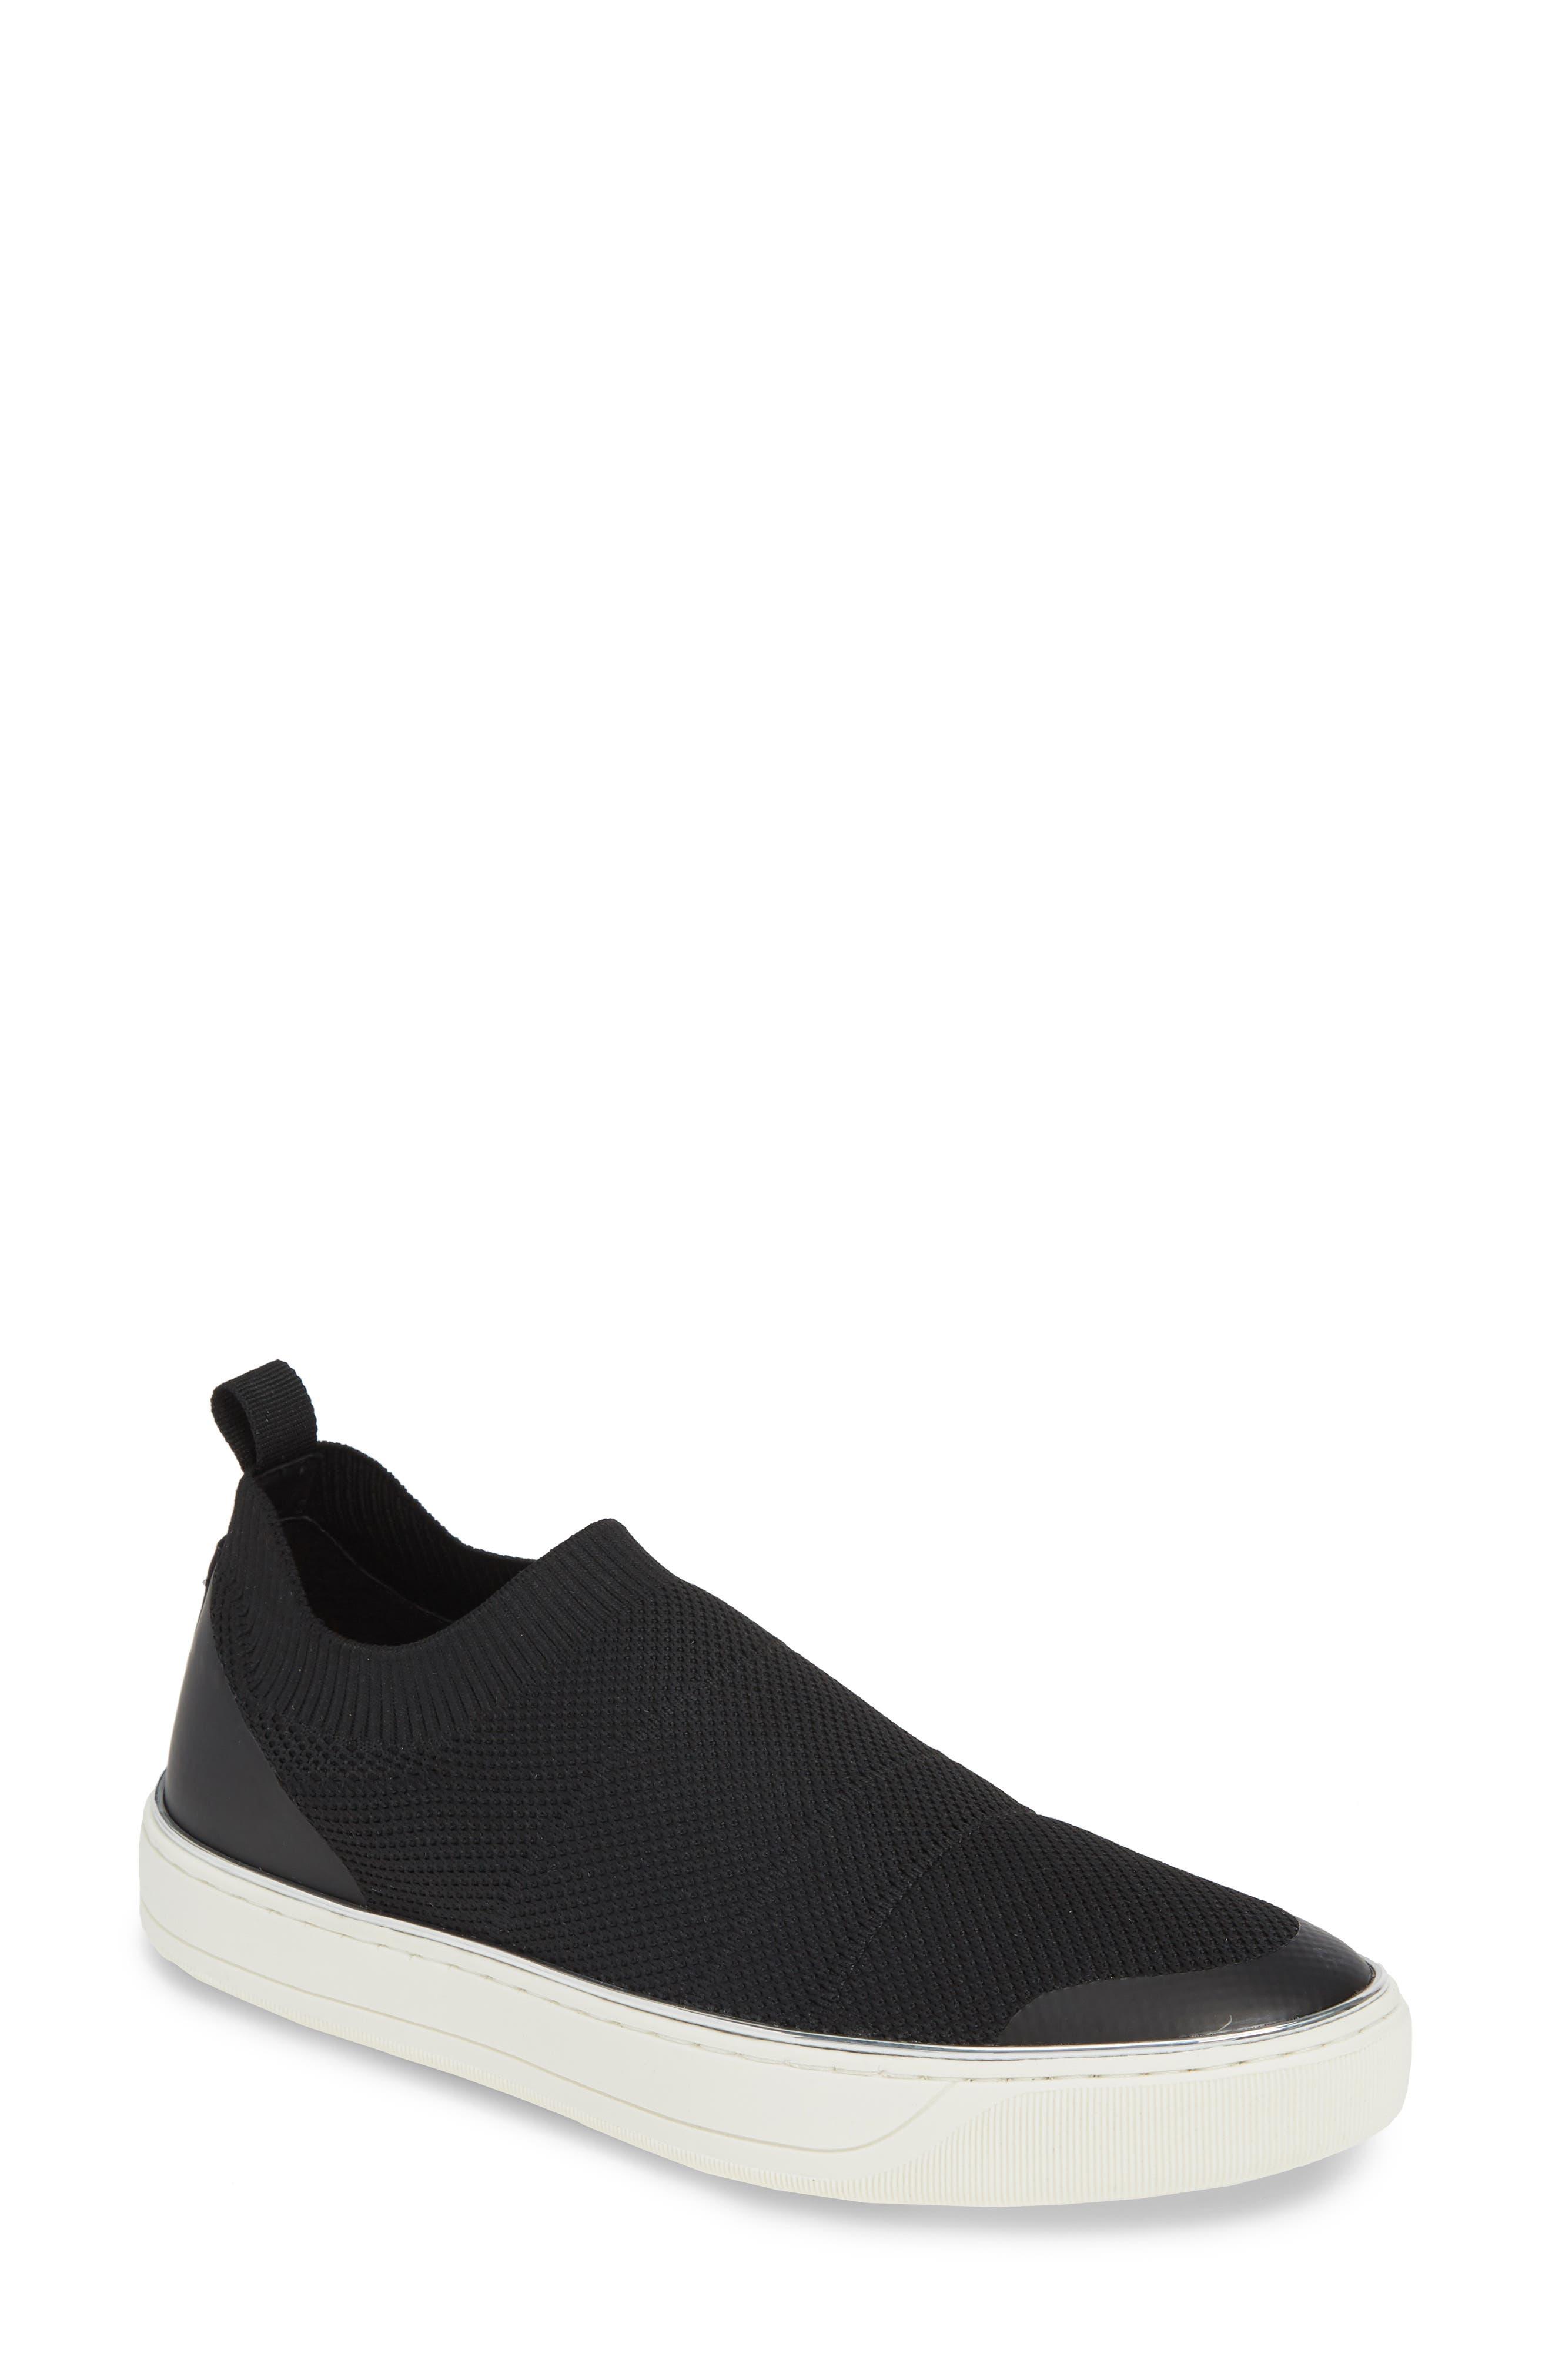 Johnston & Murphy Ember Slip-On Sneaker, Black